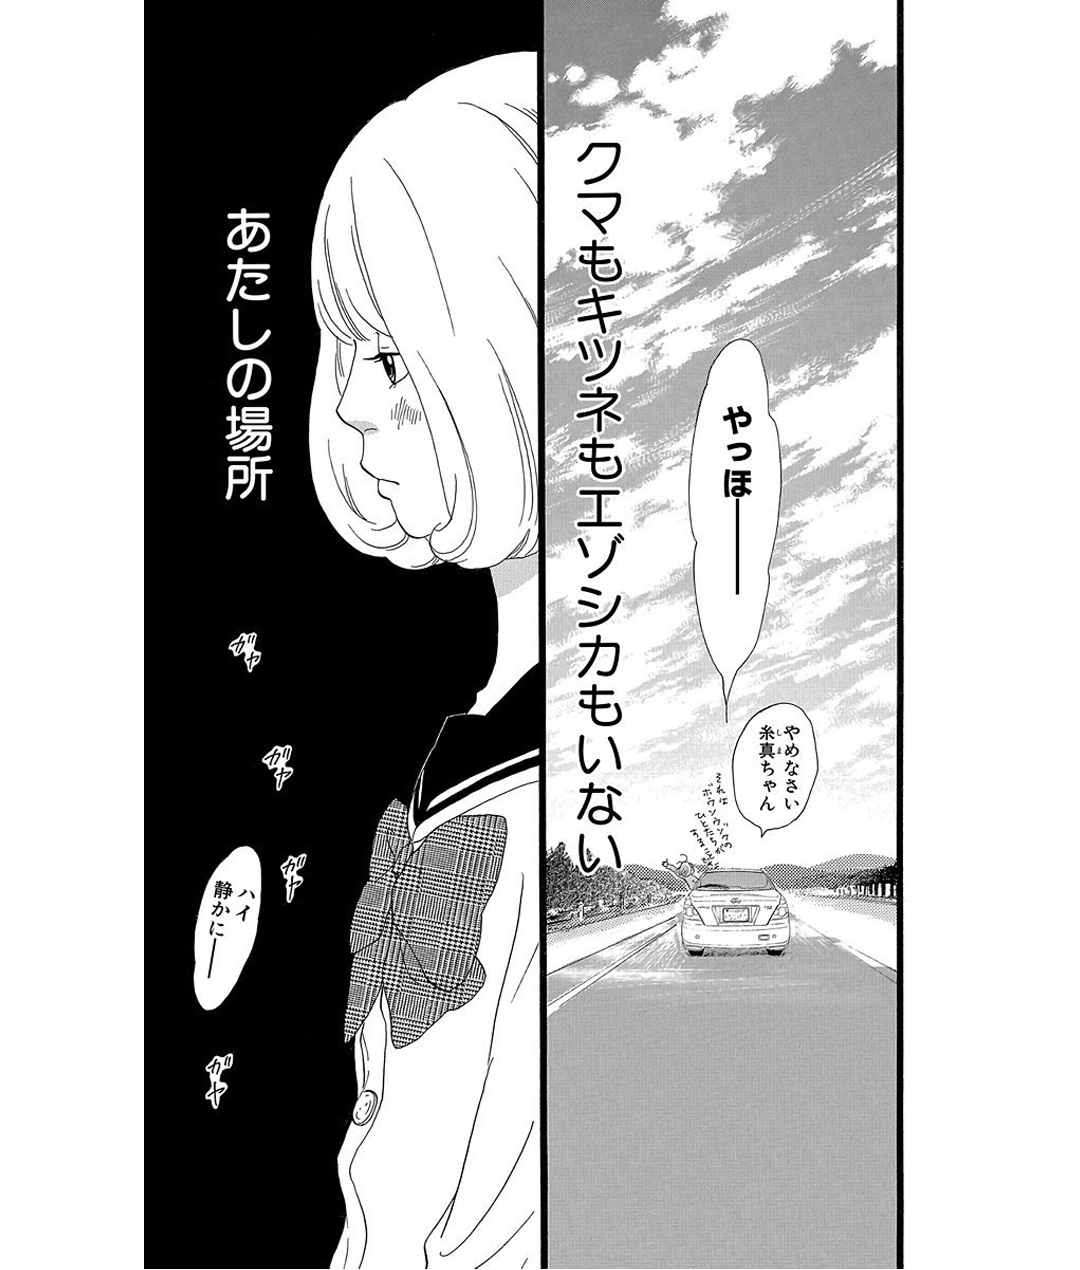 プリンシパル 第1話 試し読み_1_1-11